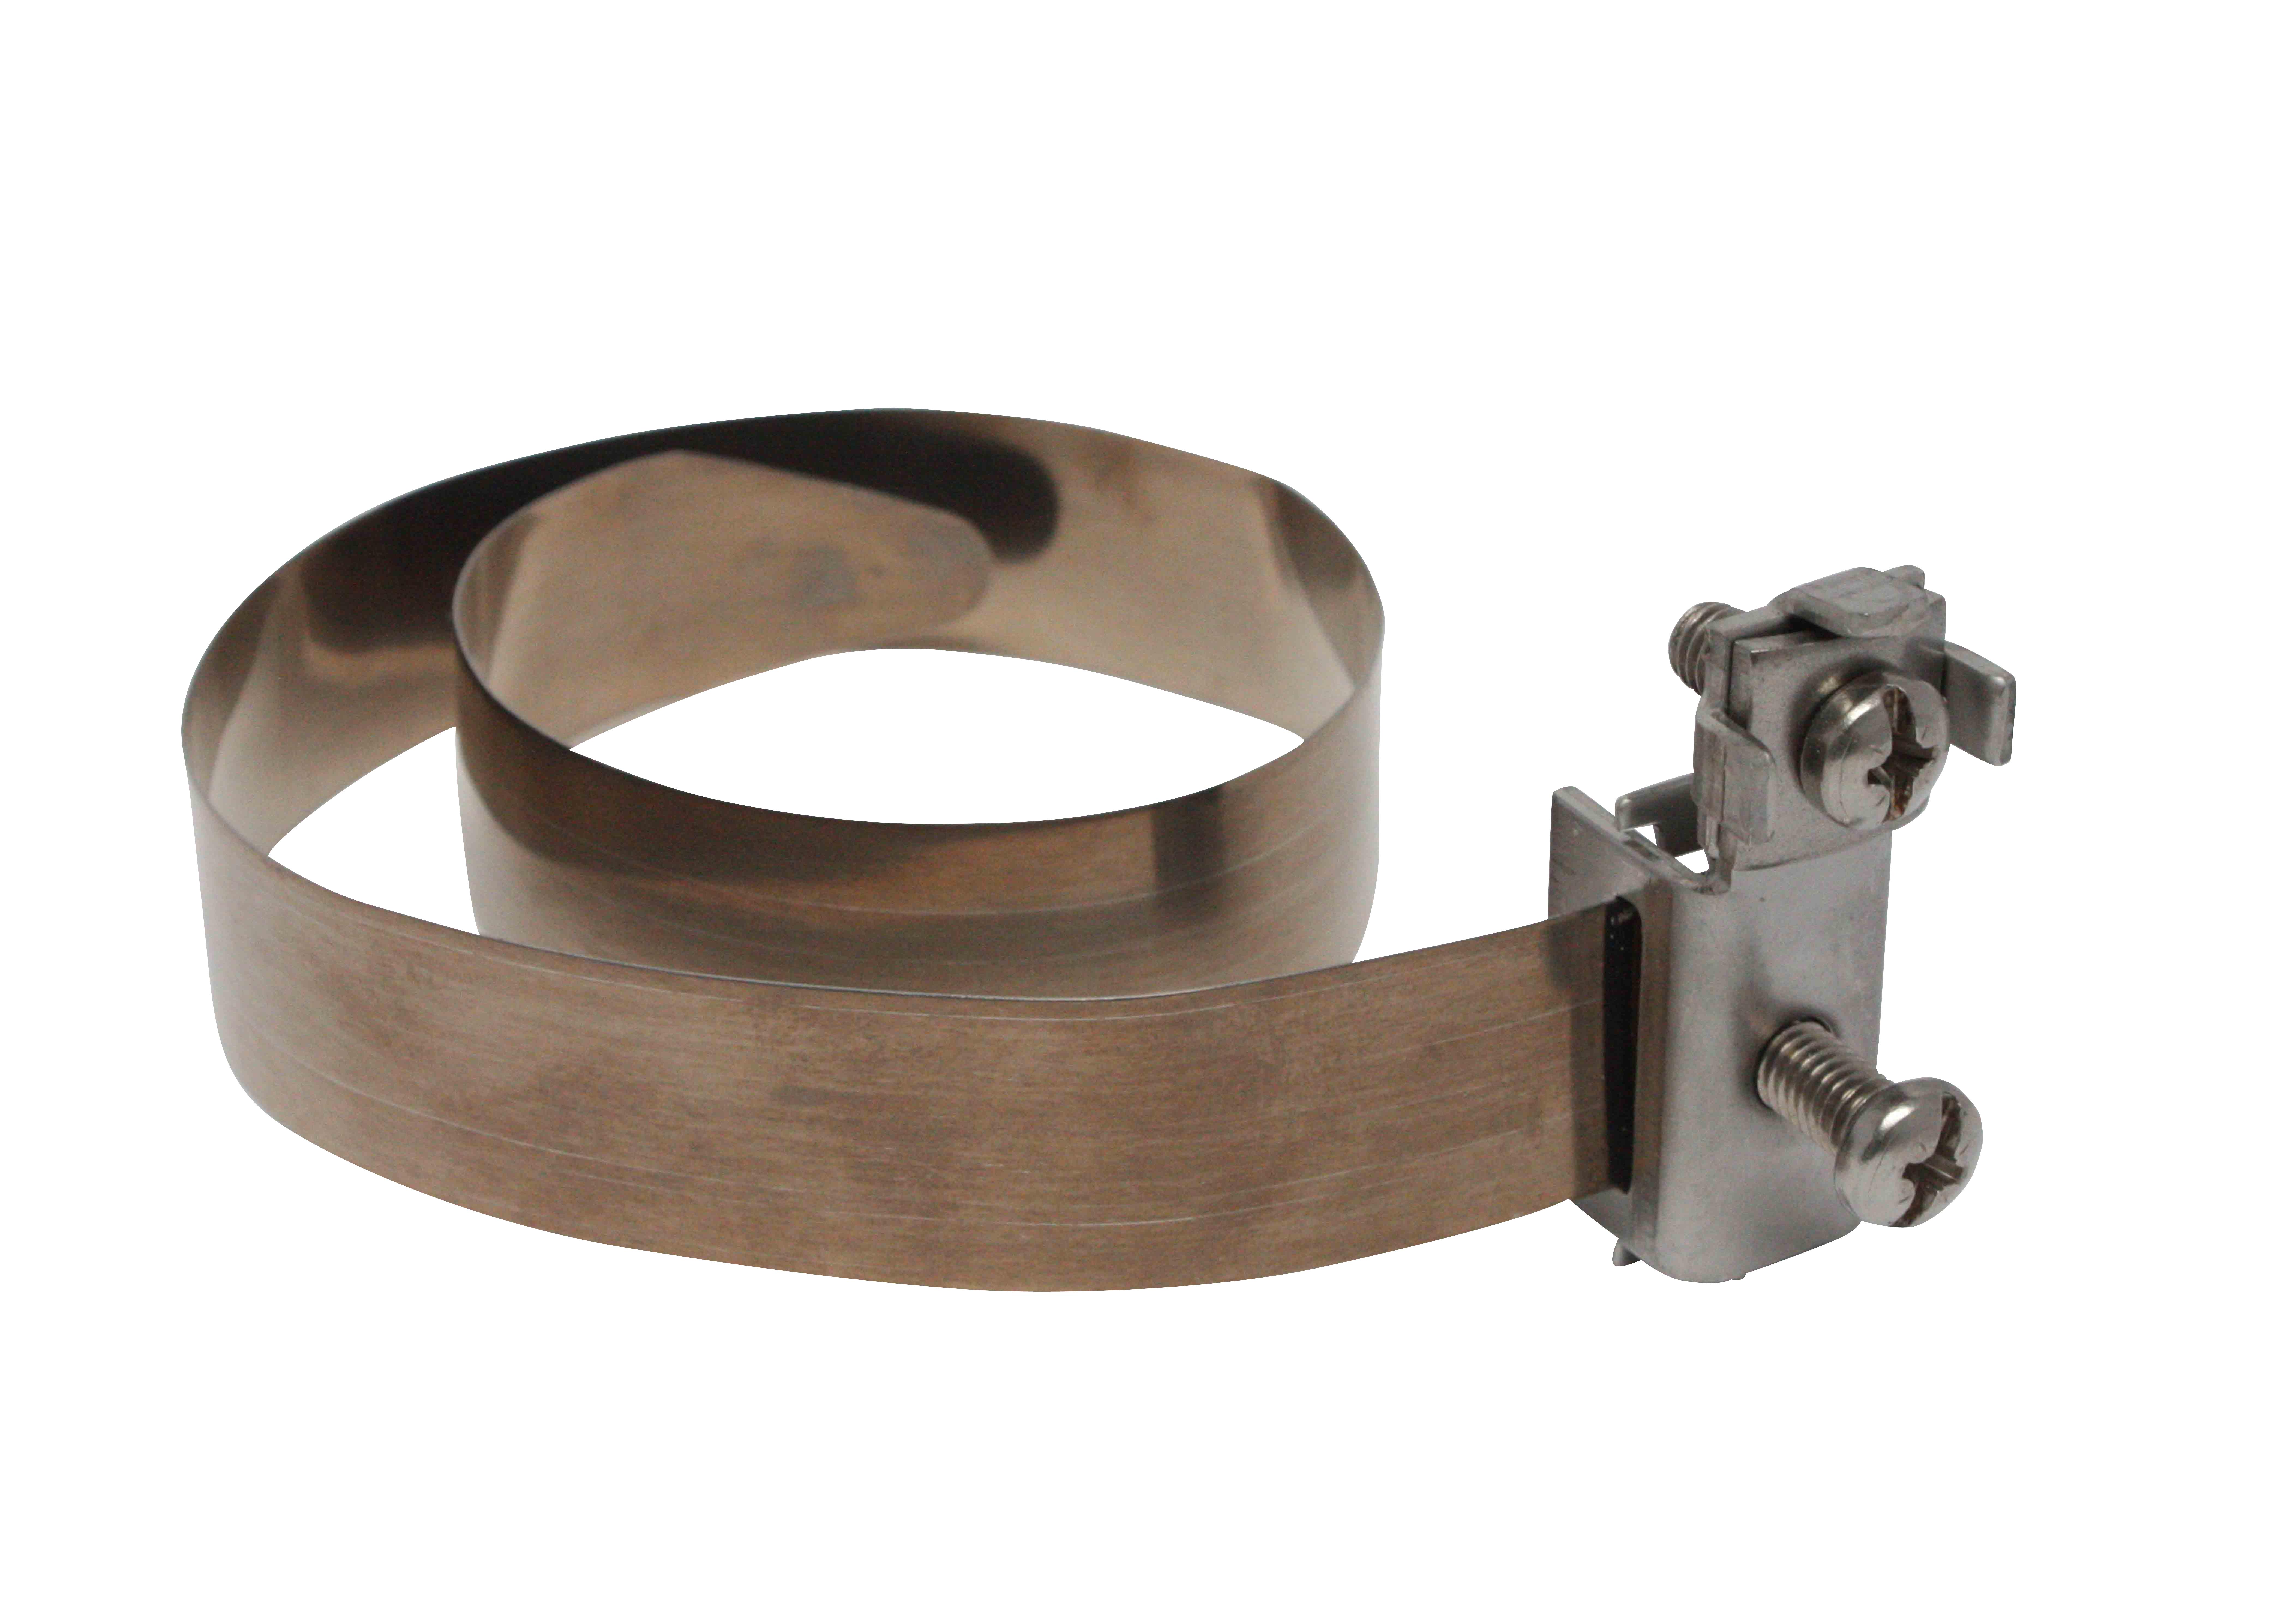 1 Stk Erdungsbandschelle V2A Rohre Ø 8-114mm Anschluss: 2,5-16mm² BG2020425-